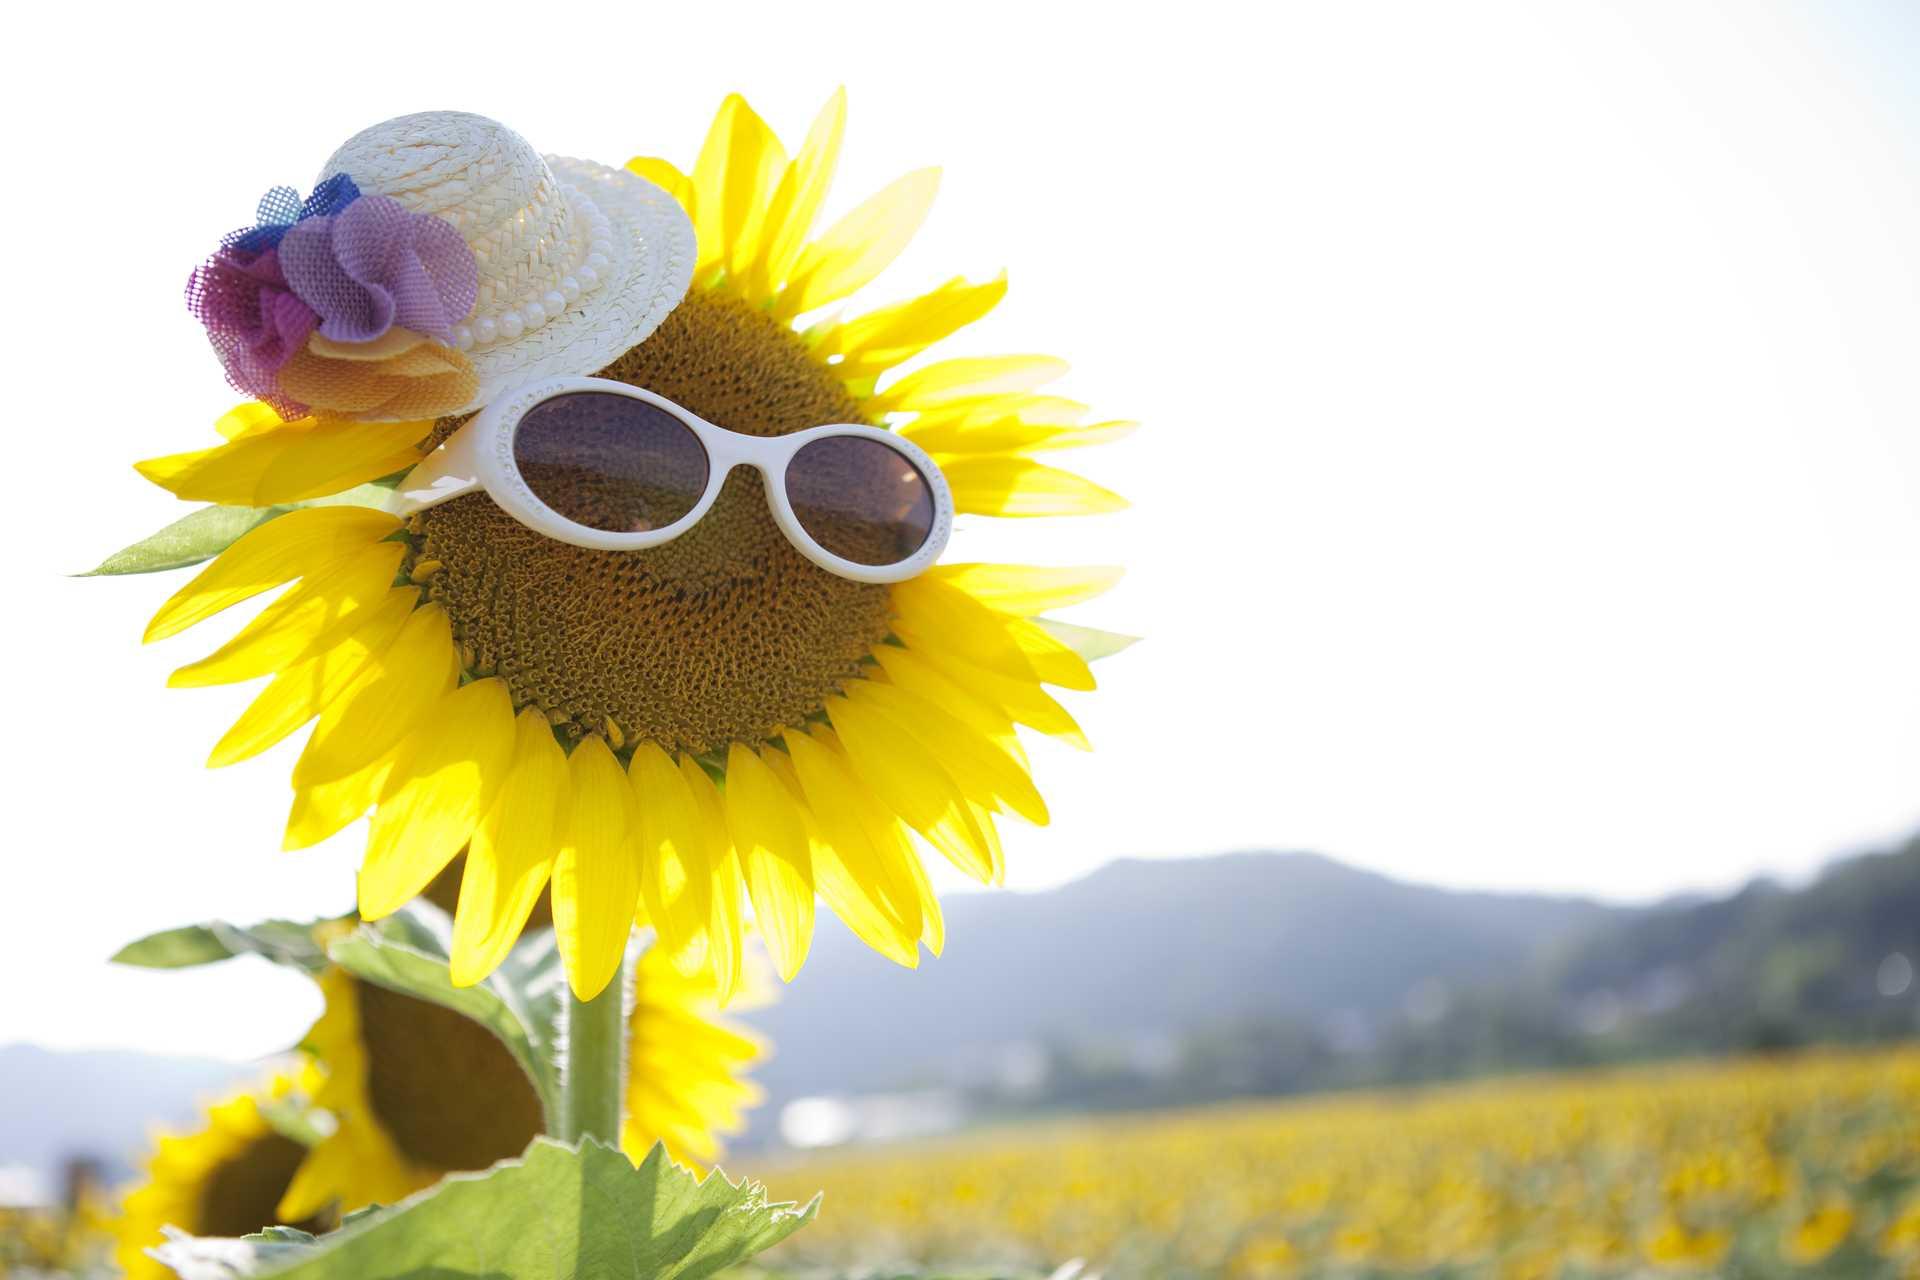 人生では、明るい方向へ顔を向ける人が明るくなれる。 | 人生を明るく生きる30の方法